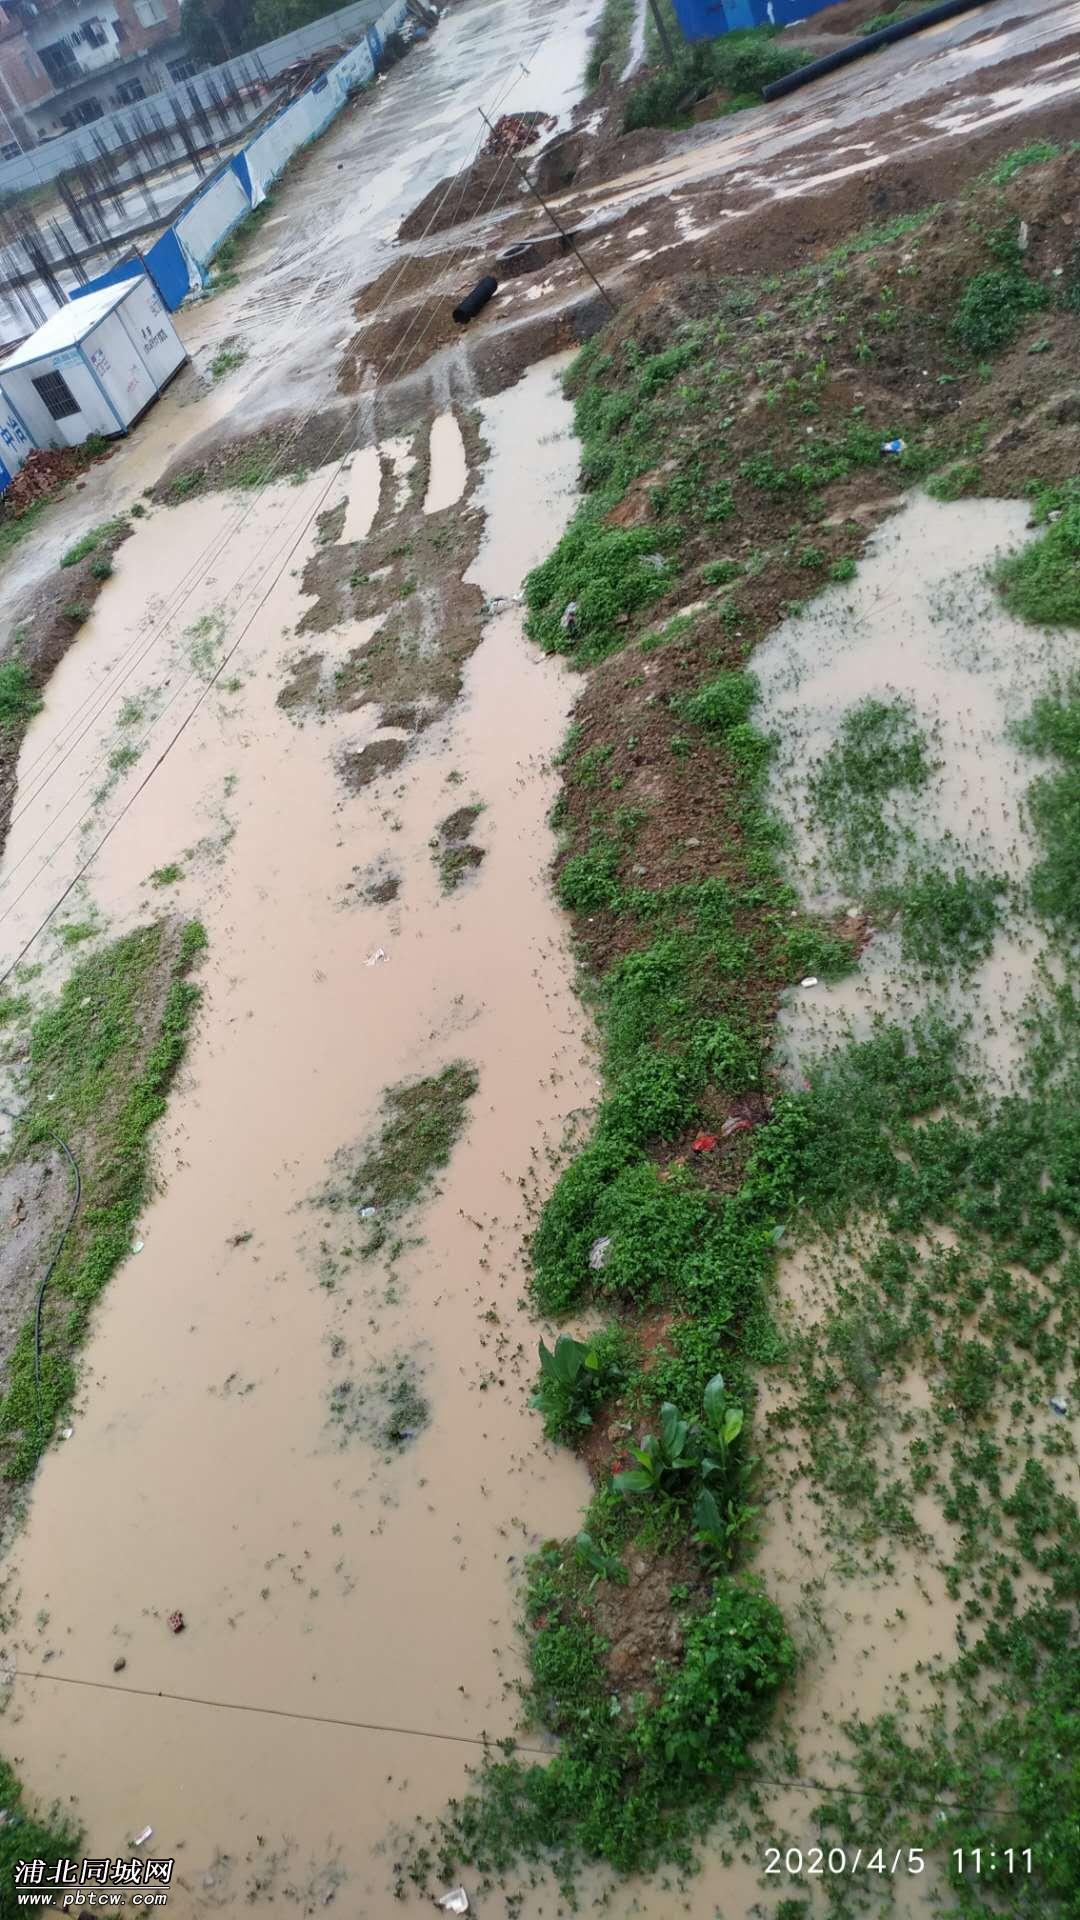 唯一的排水口被填埋